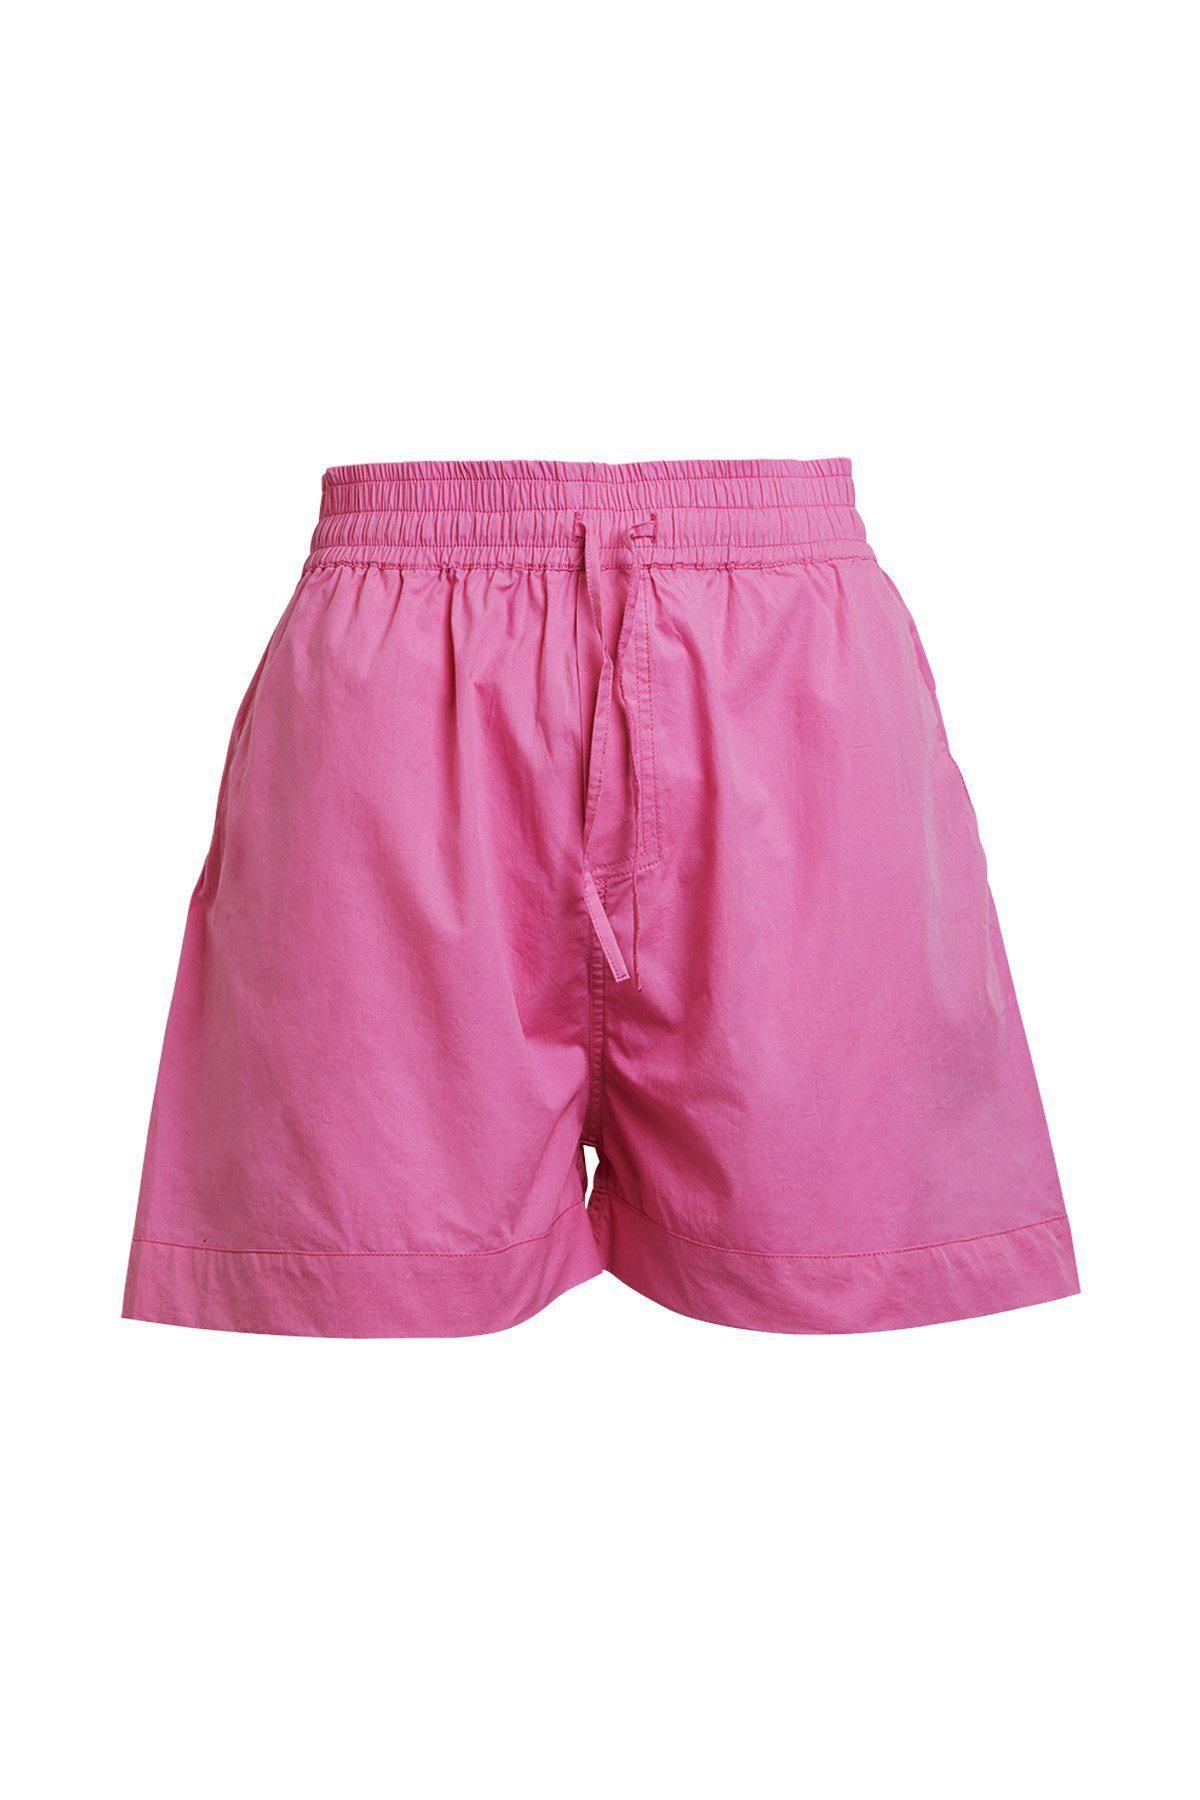 Leoni Poplin Shorts